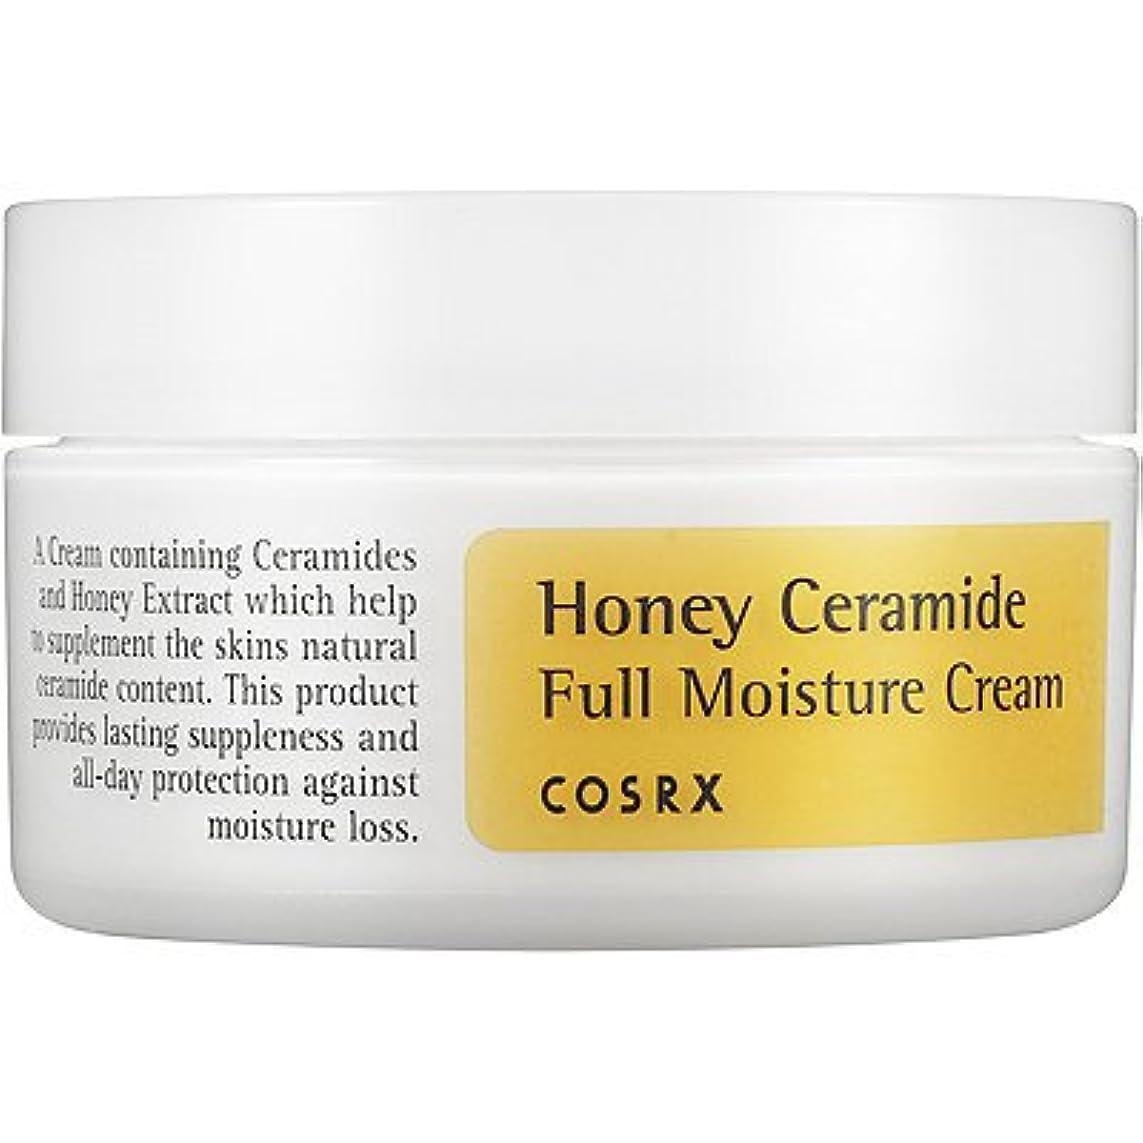 共感する貢献劣るCOSRX Honey Ceramide Full Moisture Cream 50g/ハニーセラミド フル モイスチャークリーム -50g [並行輸入品]